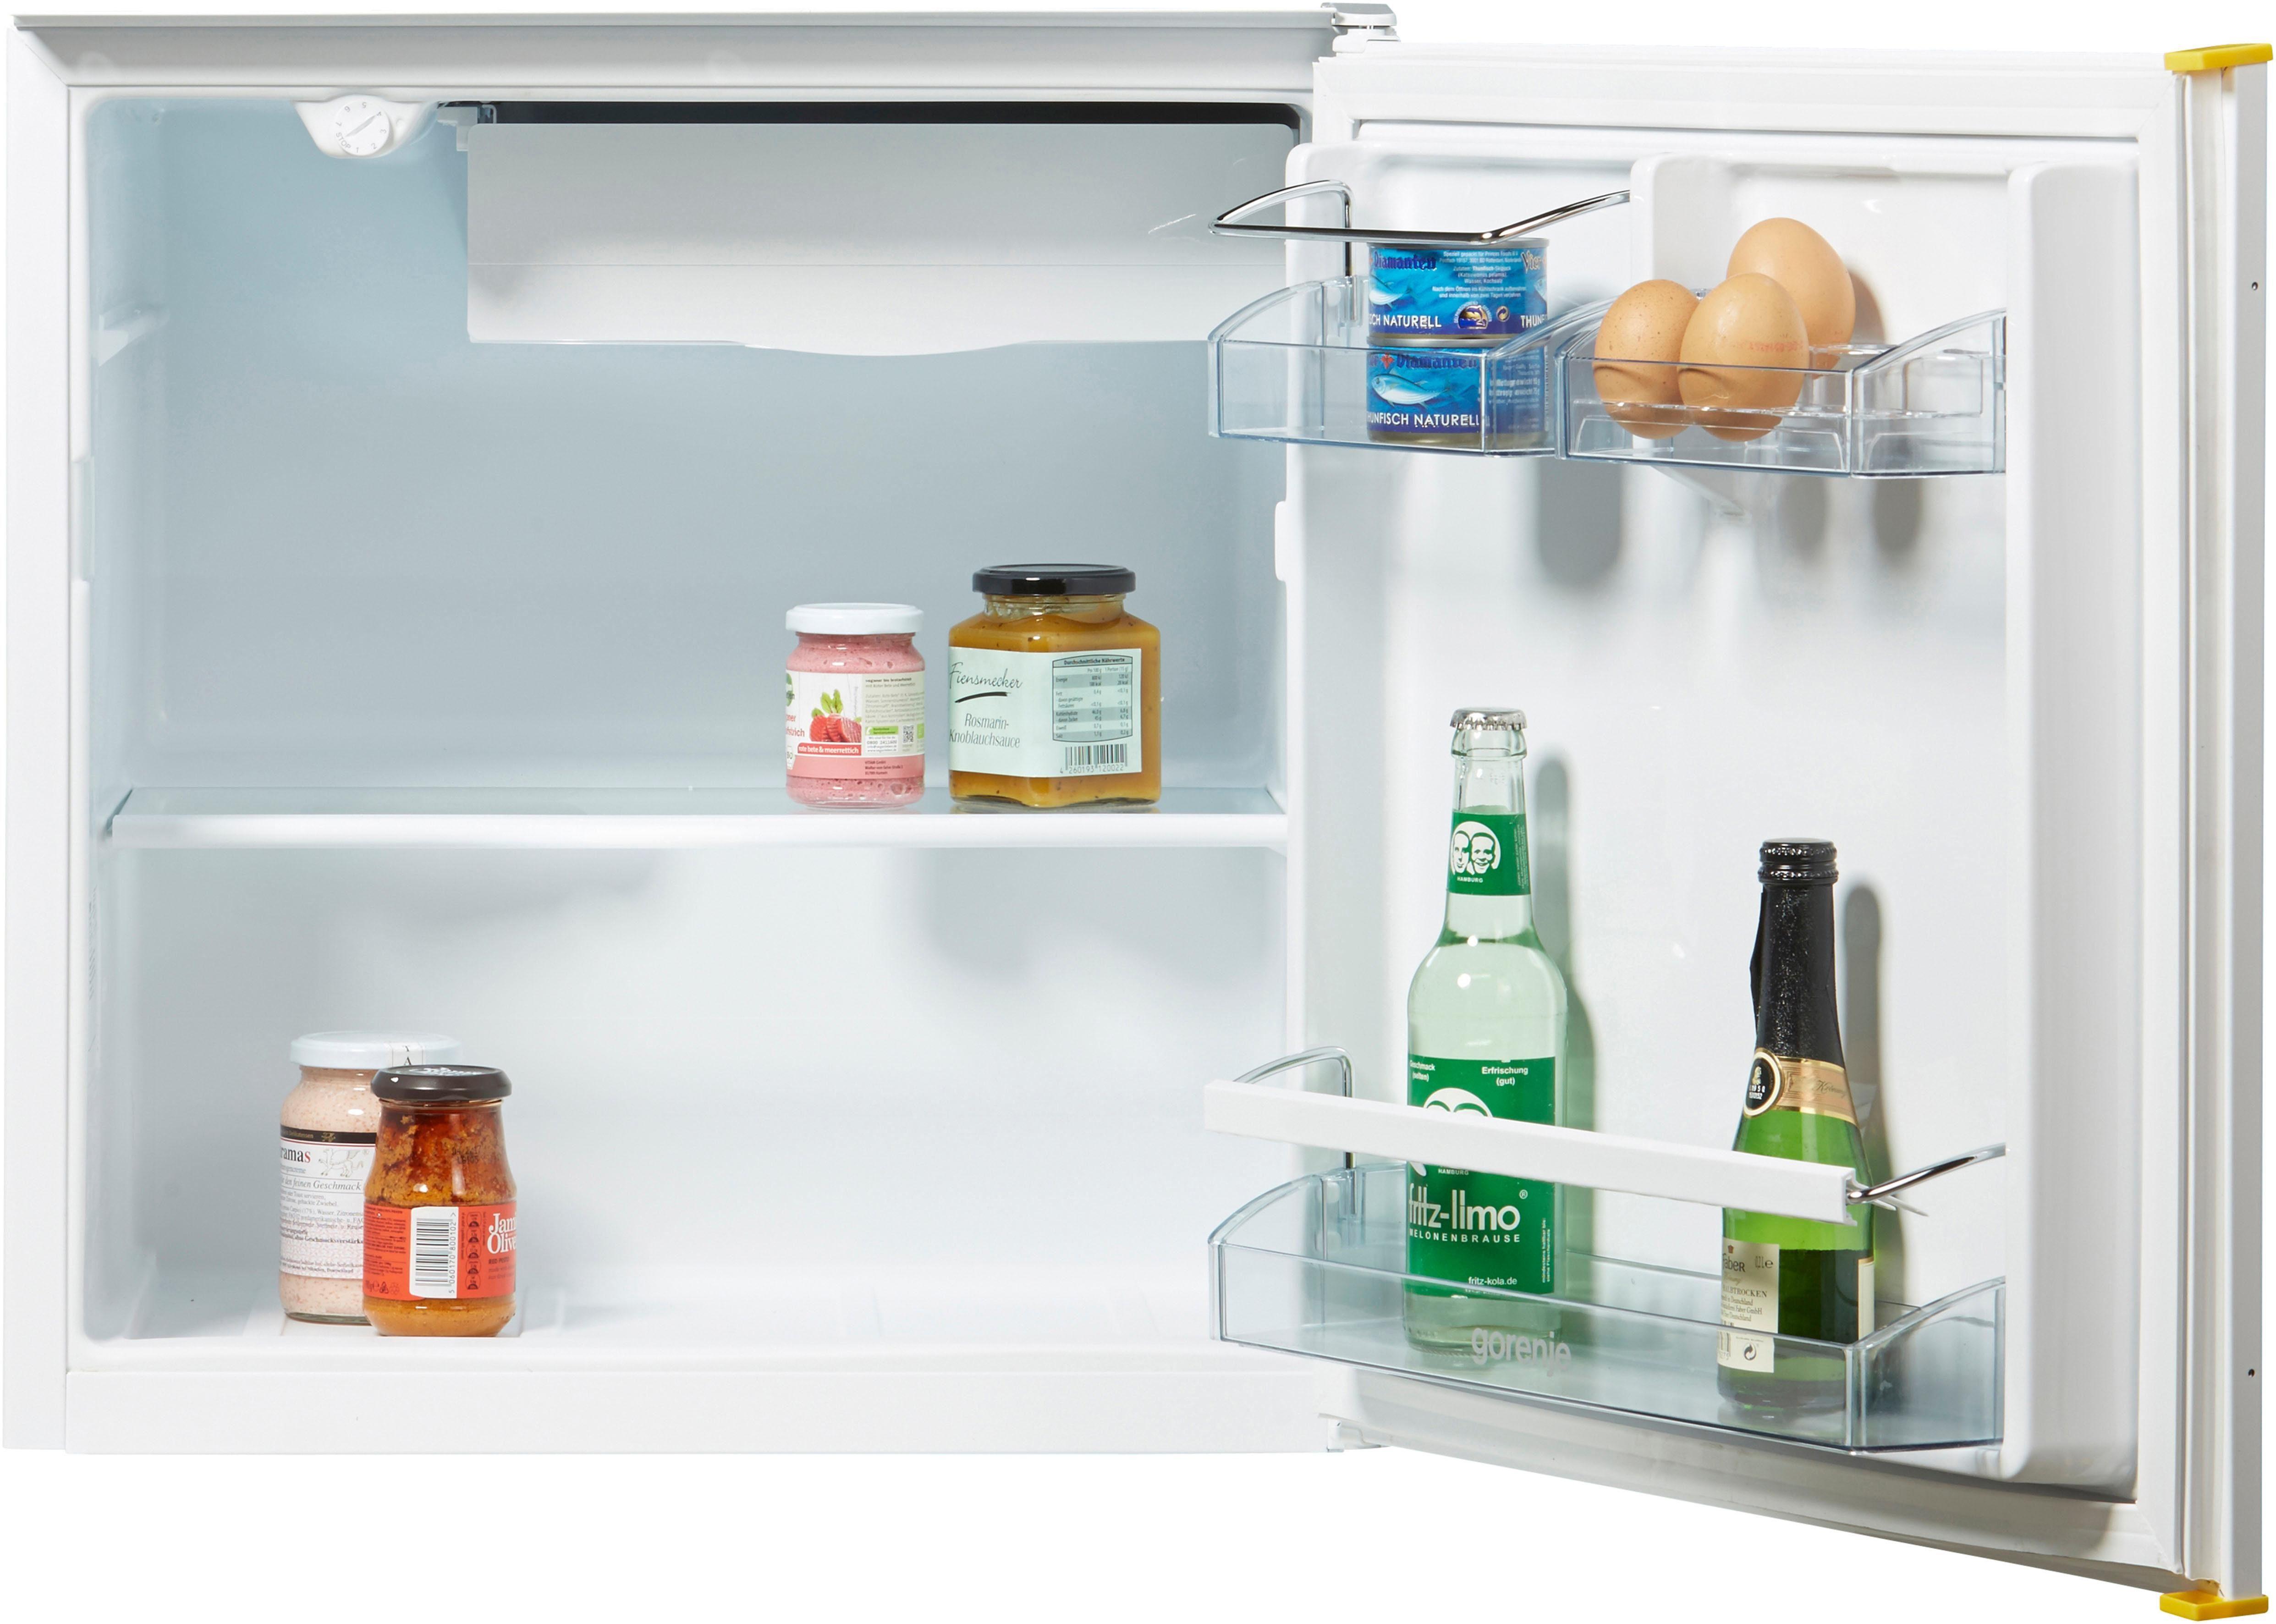 Siemens Kühlschrank 45 Cm Breit : Gorenje einbaukühlschrank rbi aw cm hoch cm breit